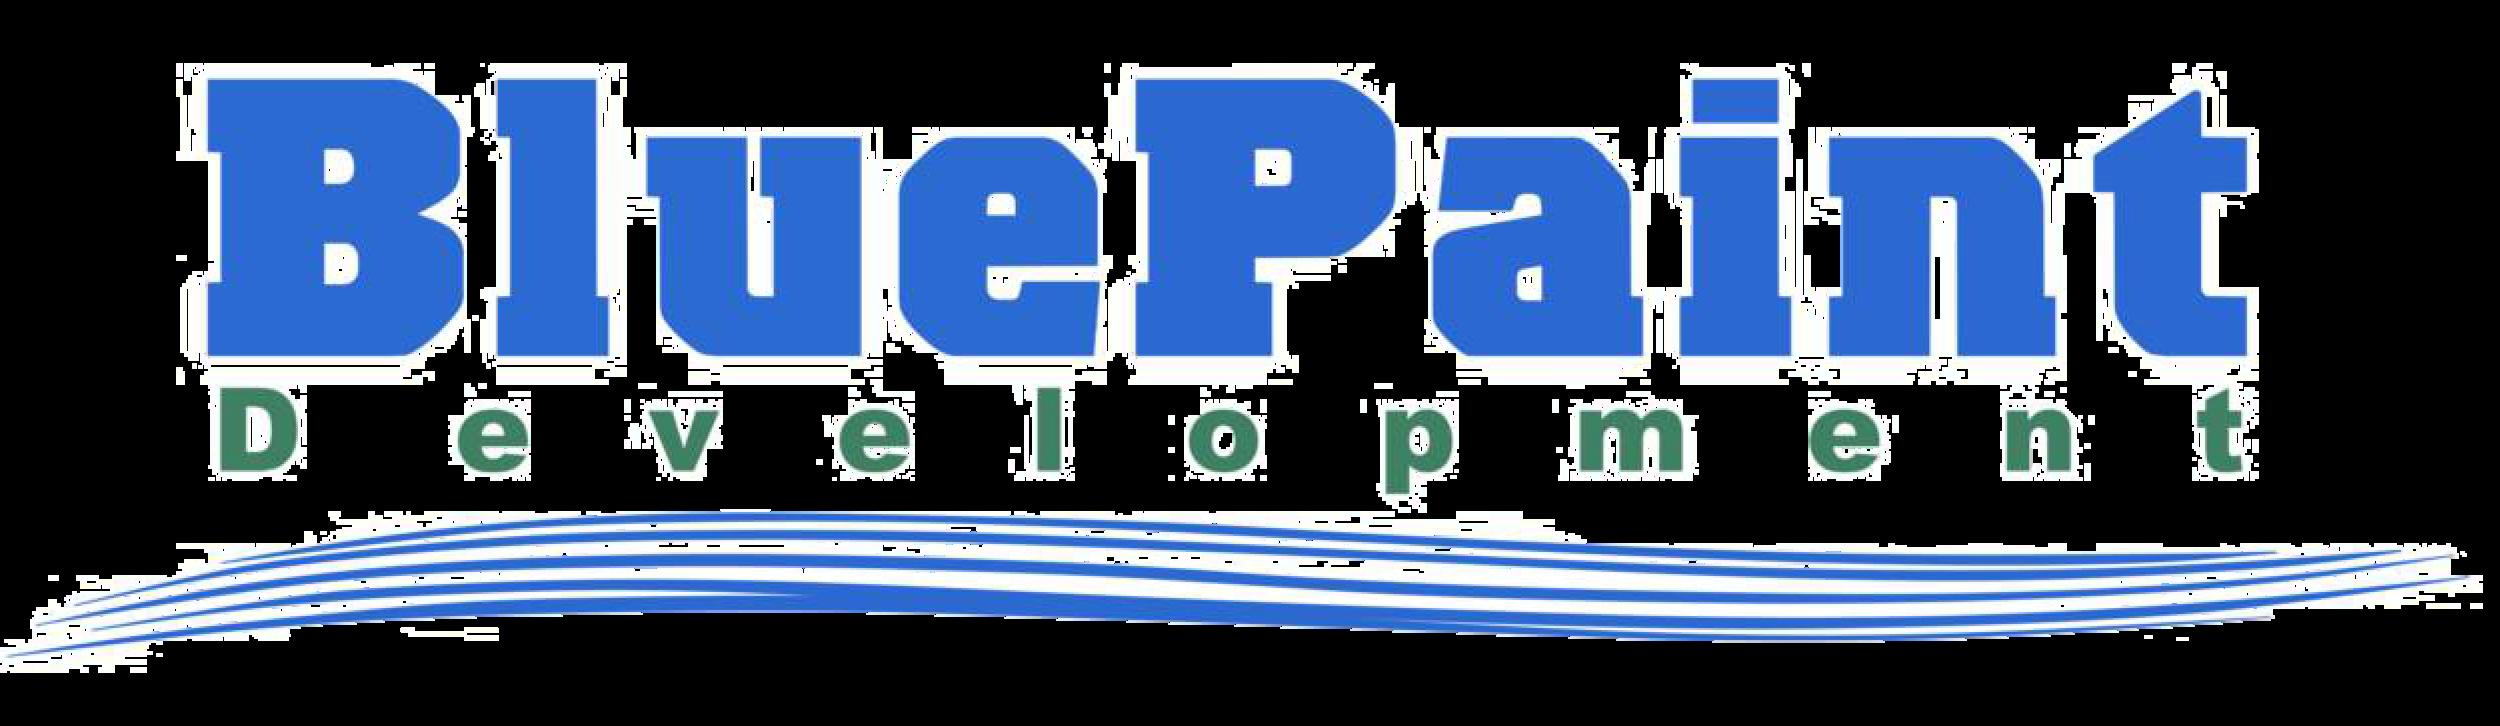 BluePaint_logo.png